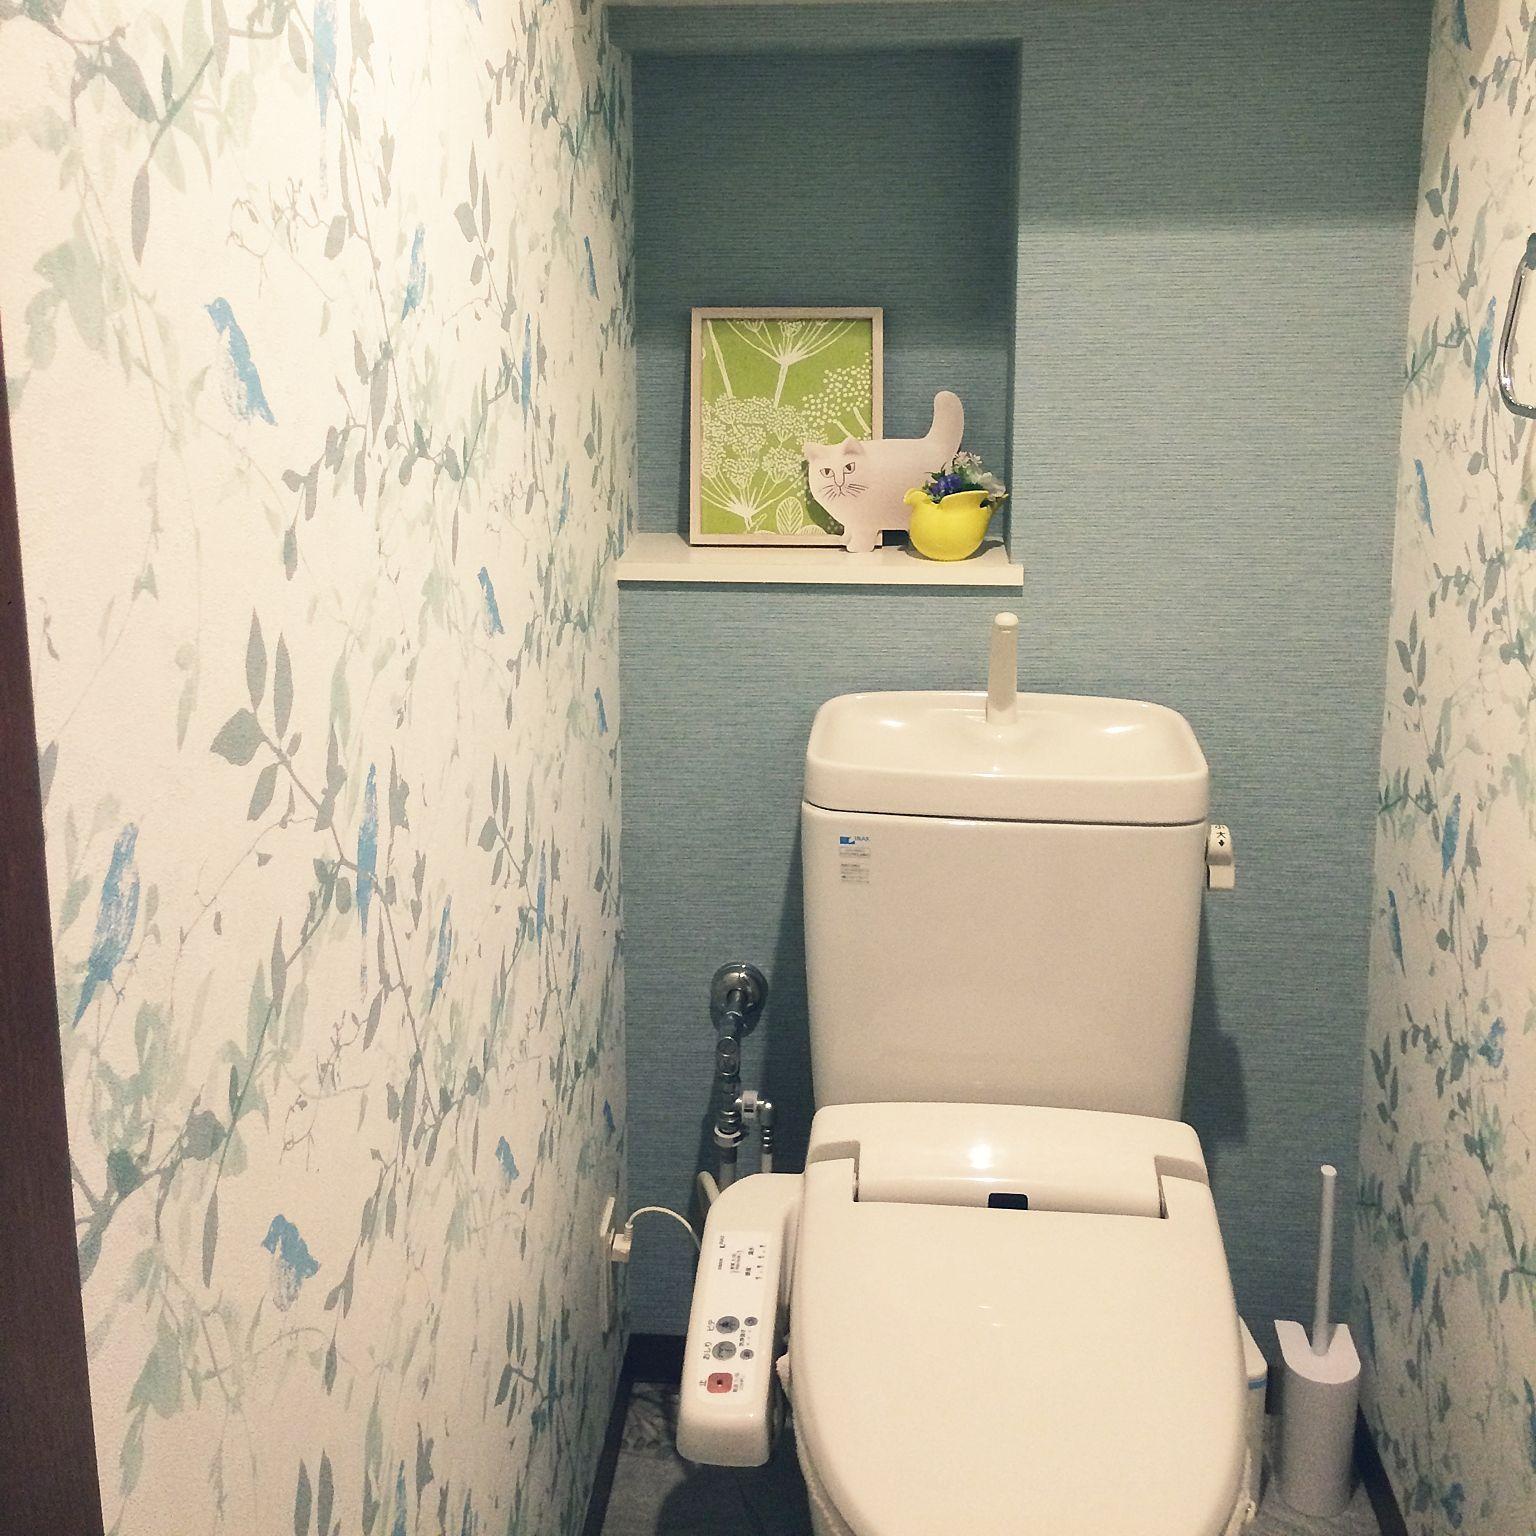 バス トイレ サンゲツ壁紙 北欧 ナチュラルのインテリア実例 17 07 15 21 53 05 Roomclip ルームクリップ サンゲツ 壁紙 トイレ 壁紙 サンゲツ